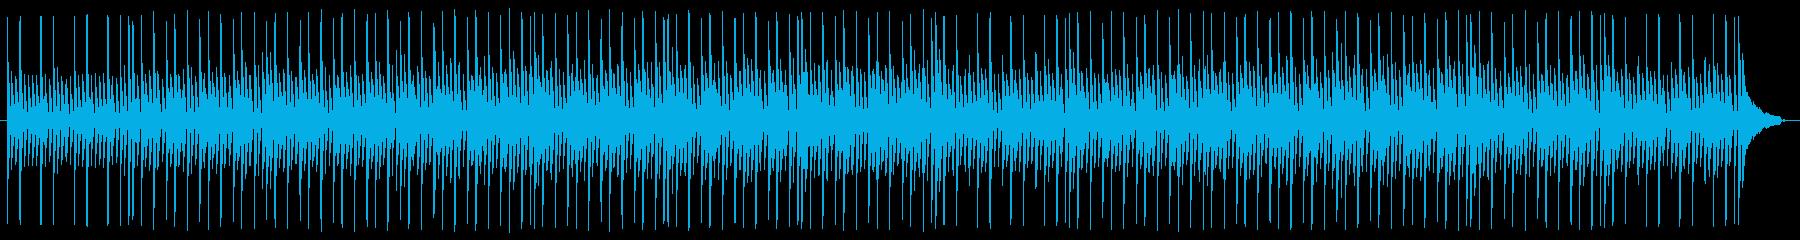 幻想的な癒やし系ポップスです。の再生済みの波形